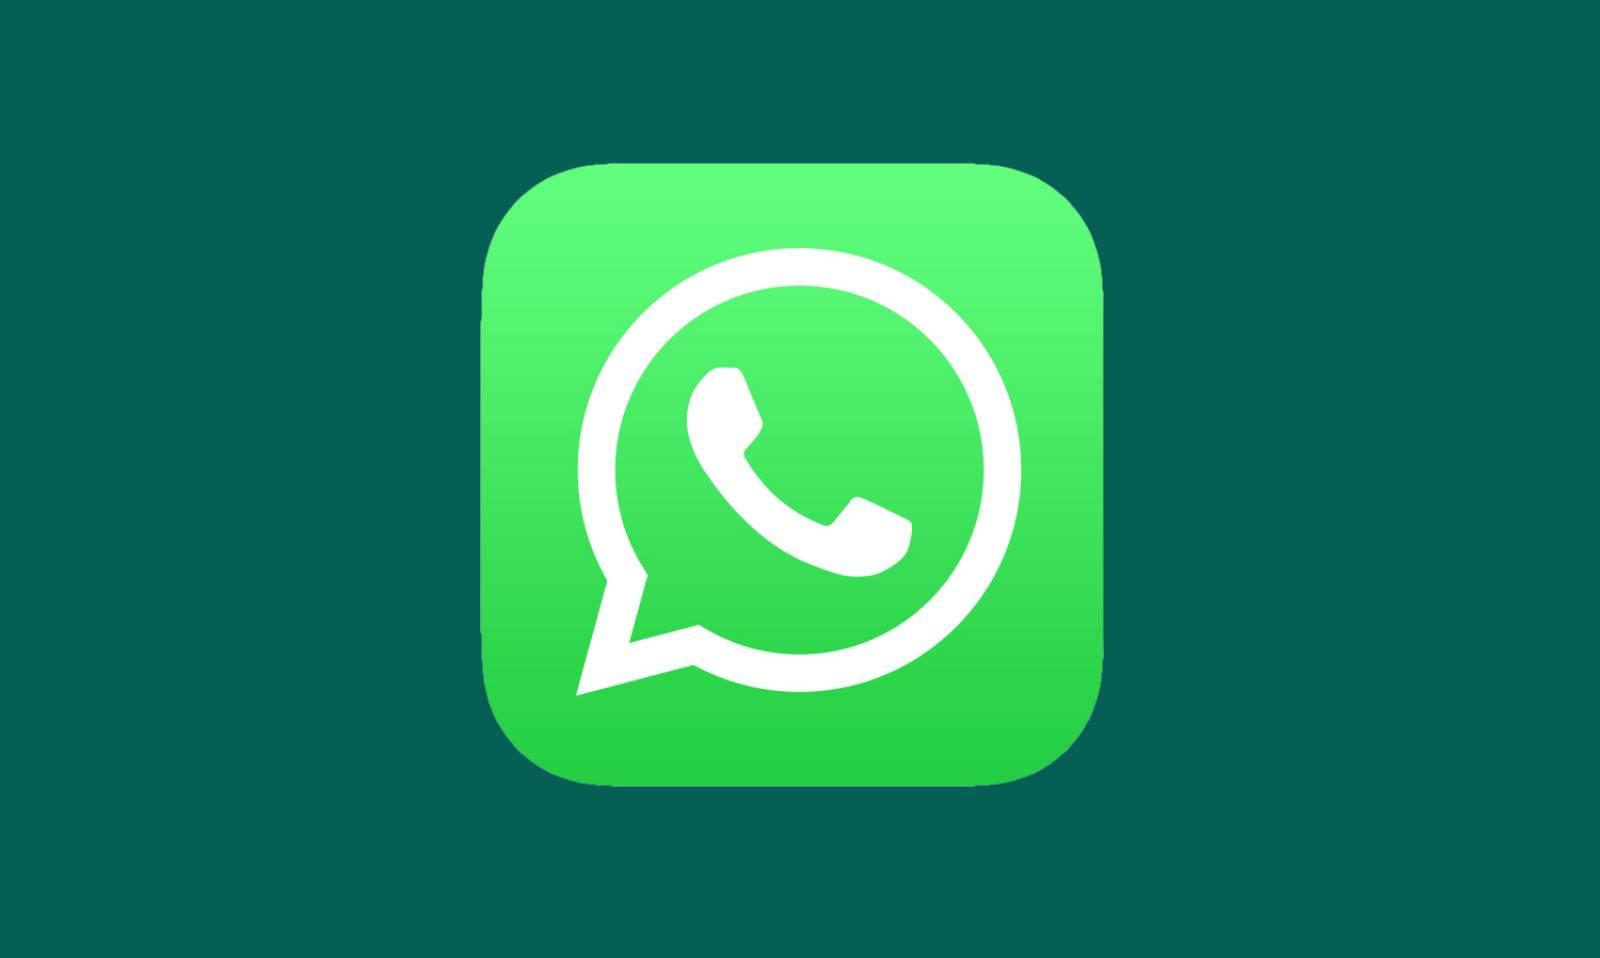 WhatsApp familiarizare